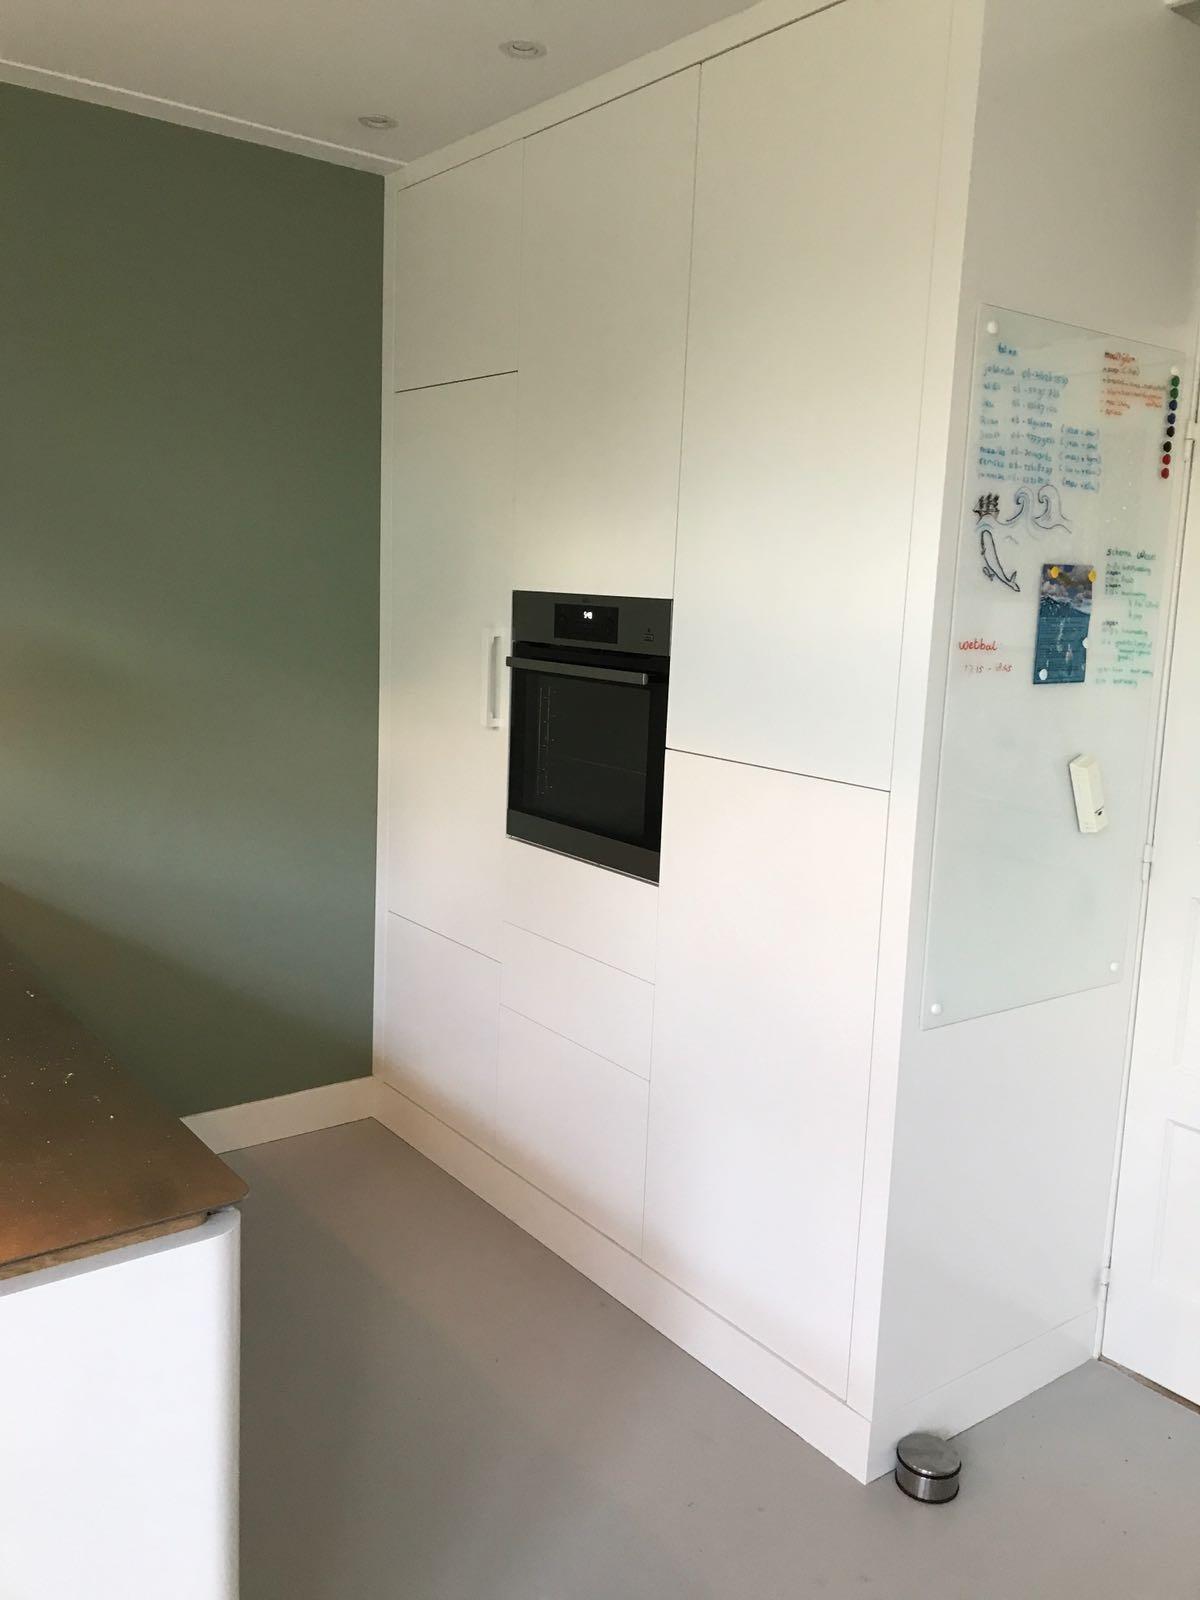 Inspiration about Meubelspuiterij Alkmaar Intended For Newest Neeja 3 Door Sideboards (#12 of 20)